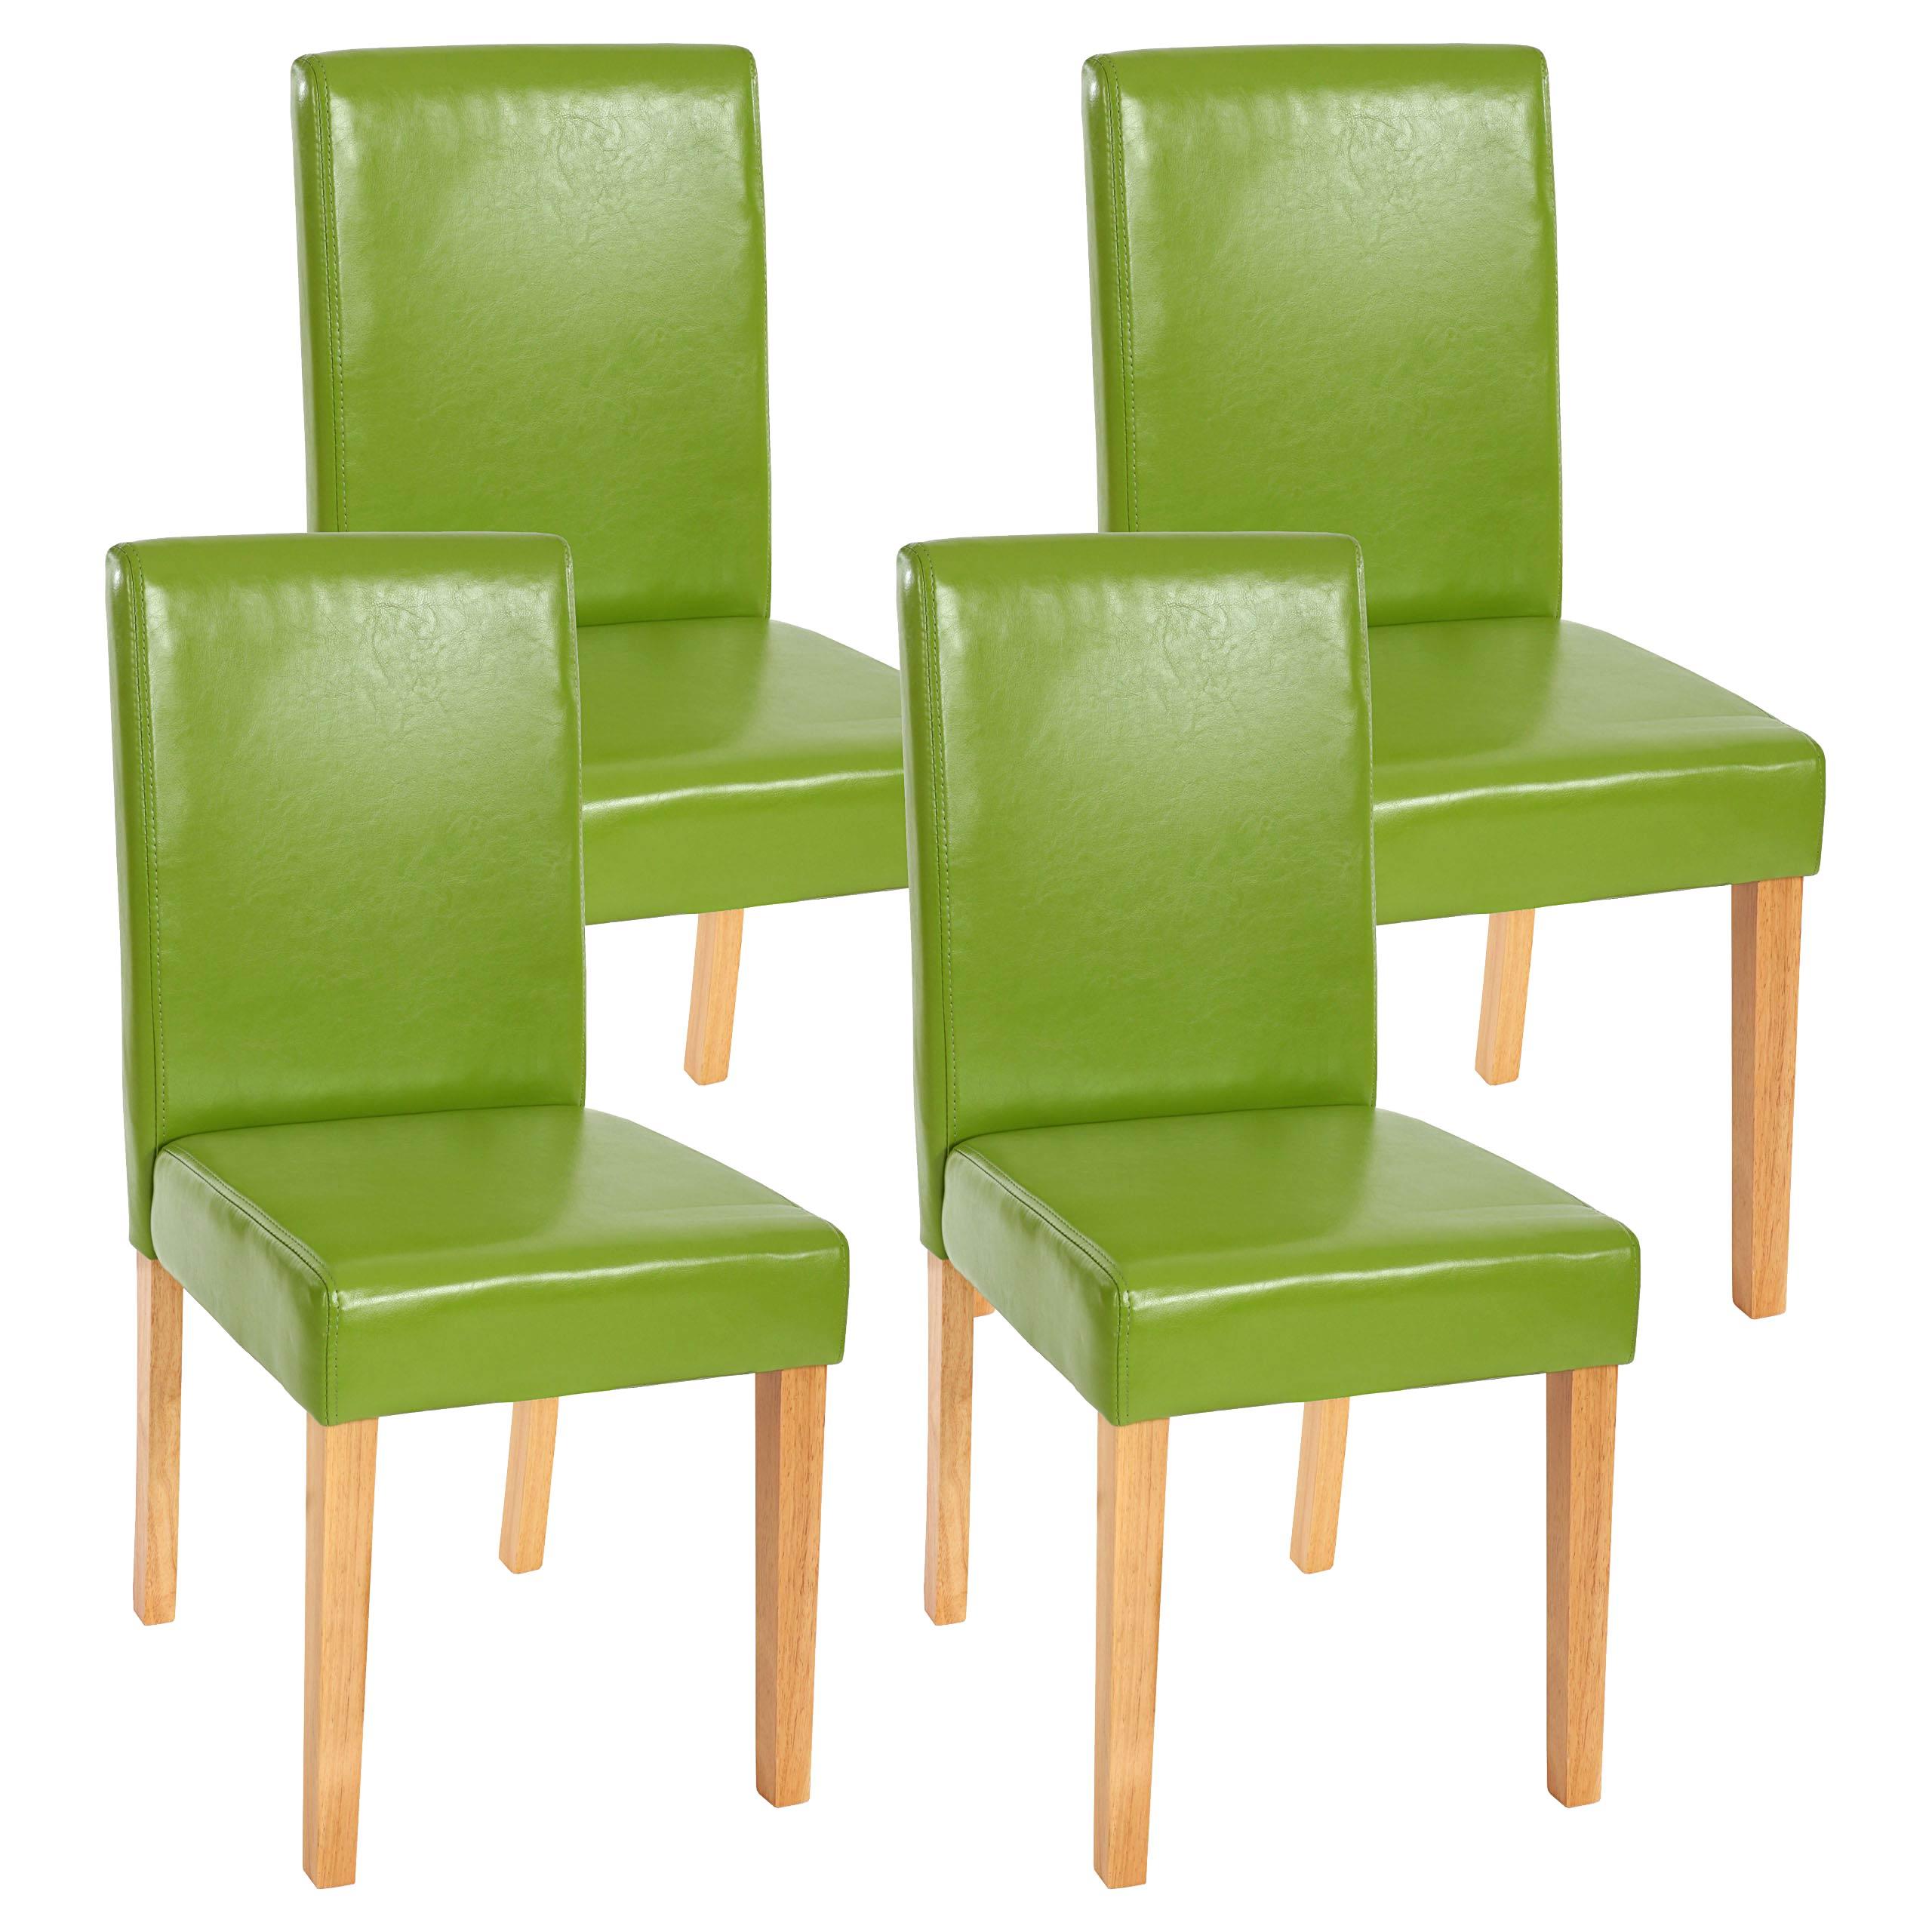 4x esszimmerstuhl stuhl lehnstuhl littau kunstleder gr n helle beine. Black Bedroom Furniture Sets. Home Design Ideas